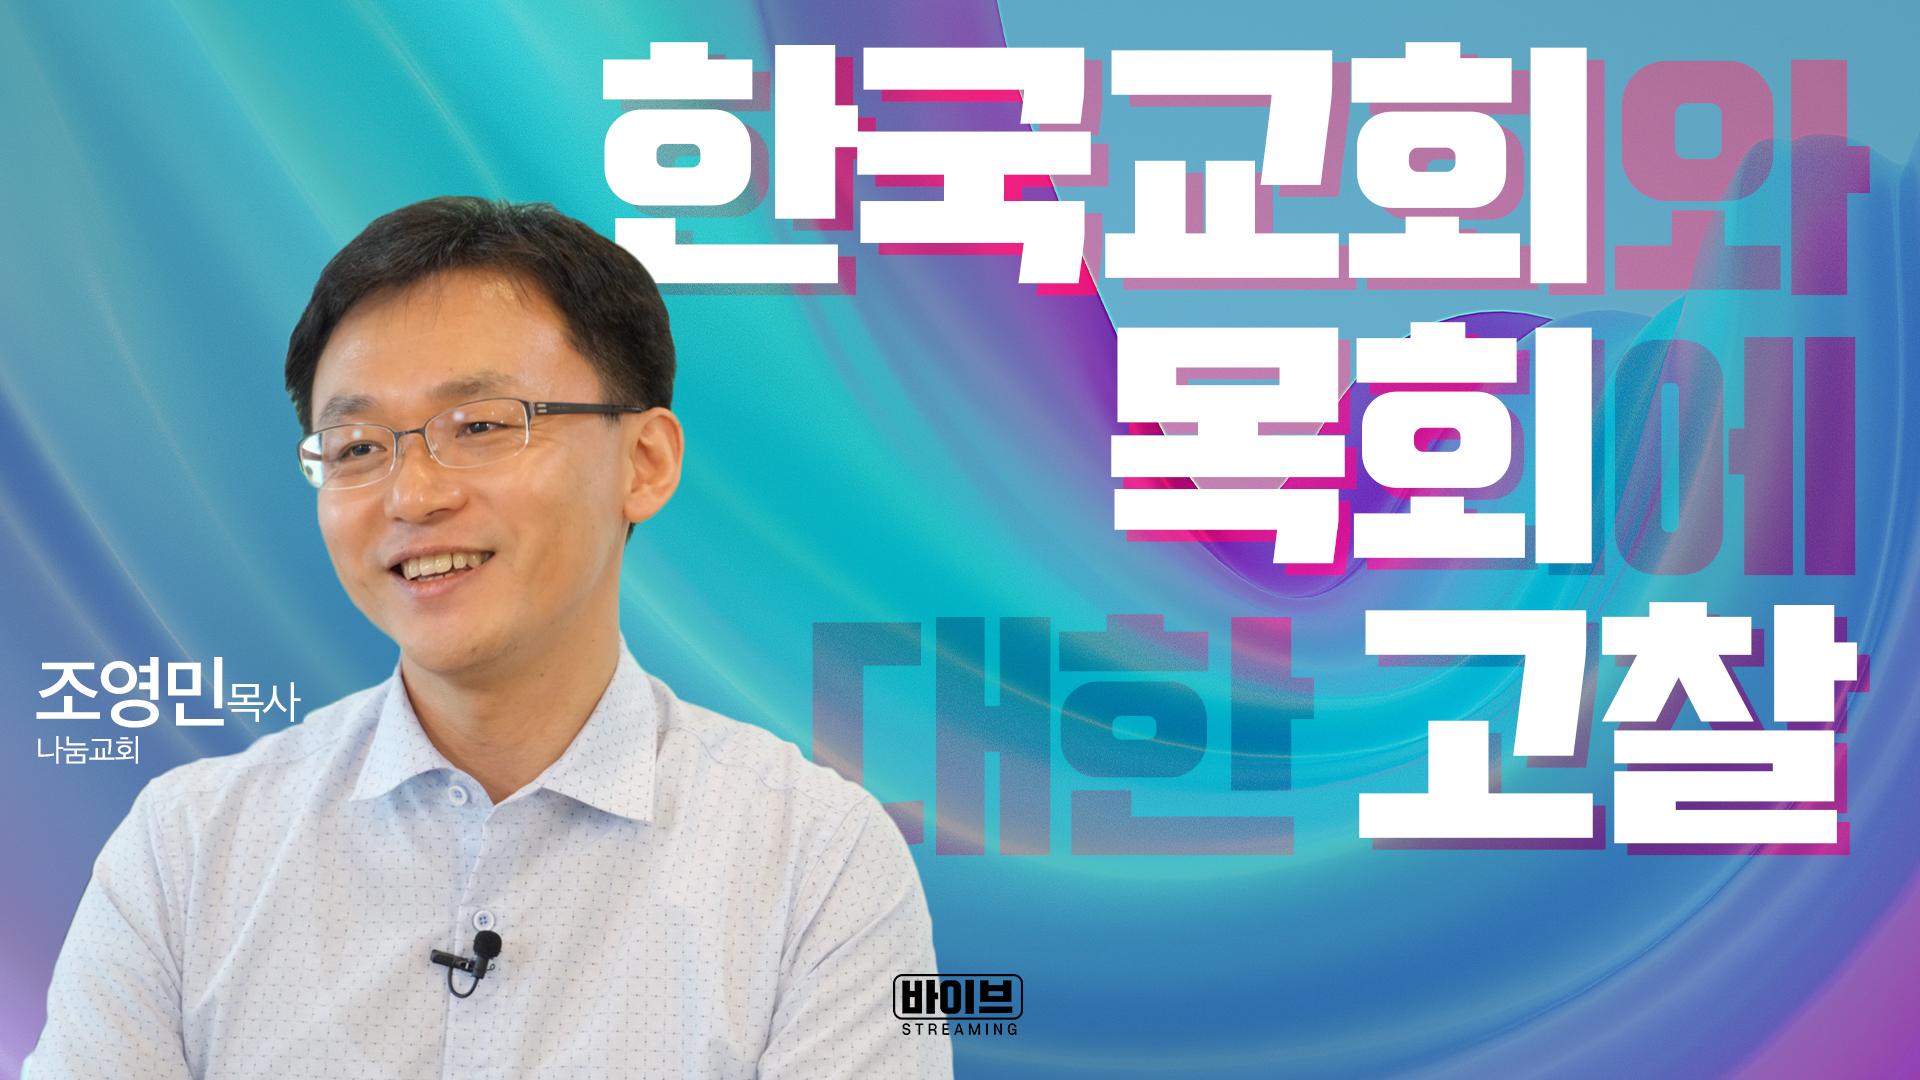 한국교회와 목회에 대한 고찰